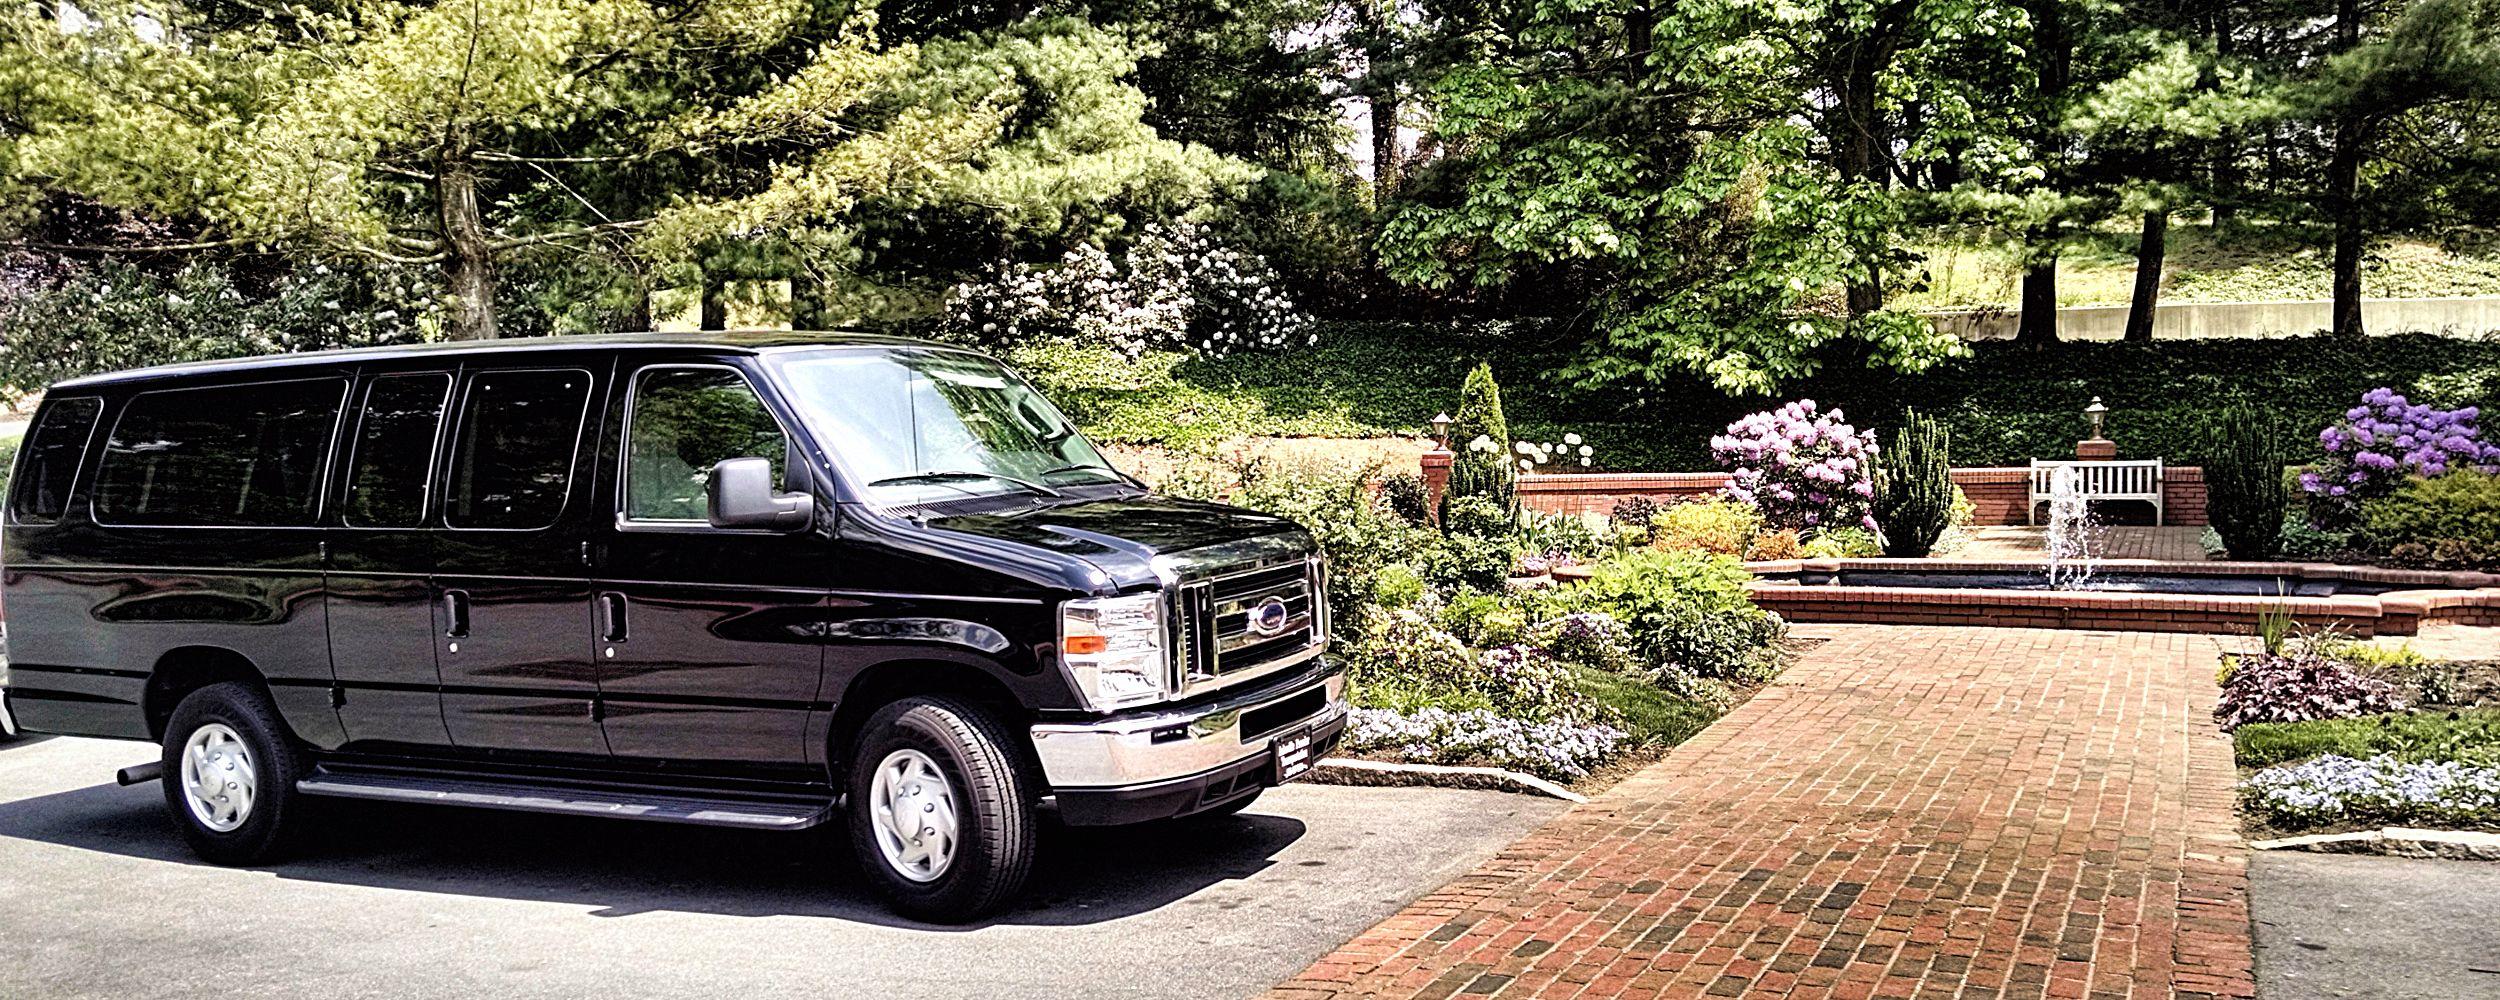 Asheville Van Tours